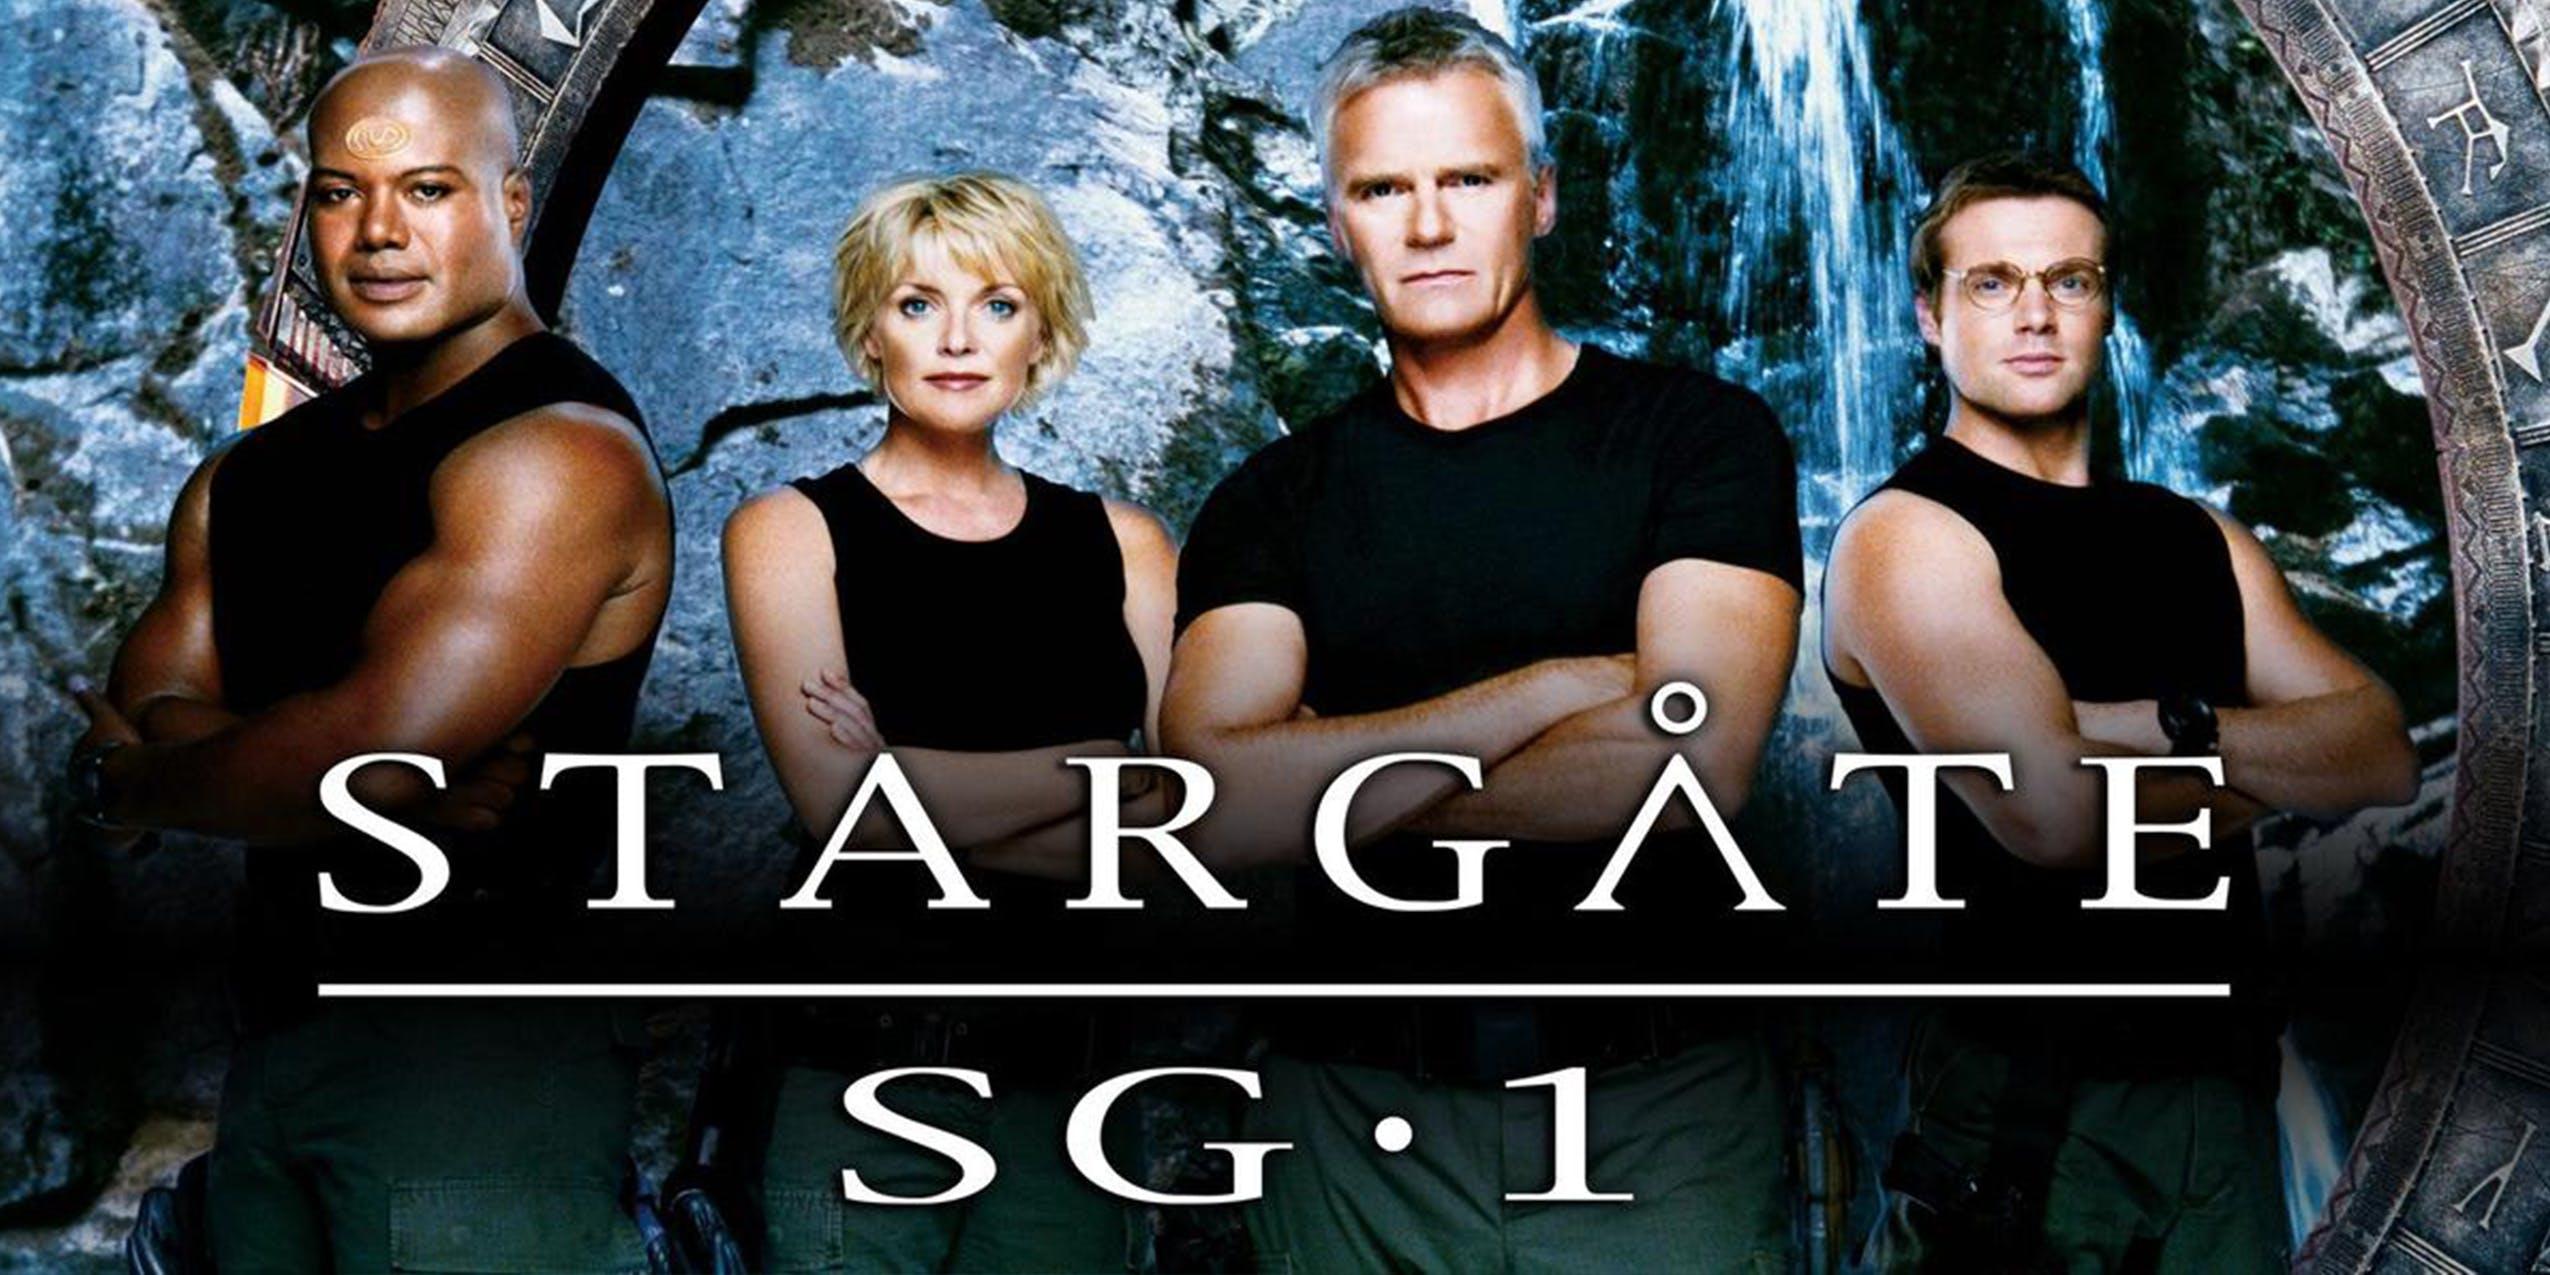 best sci fi shows hulu Stargate sg1